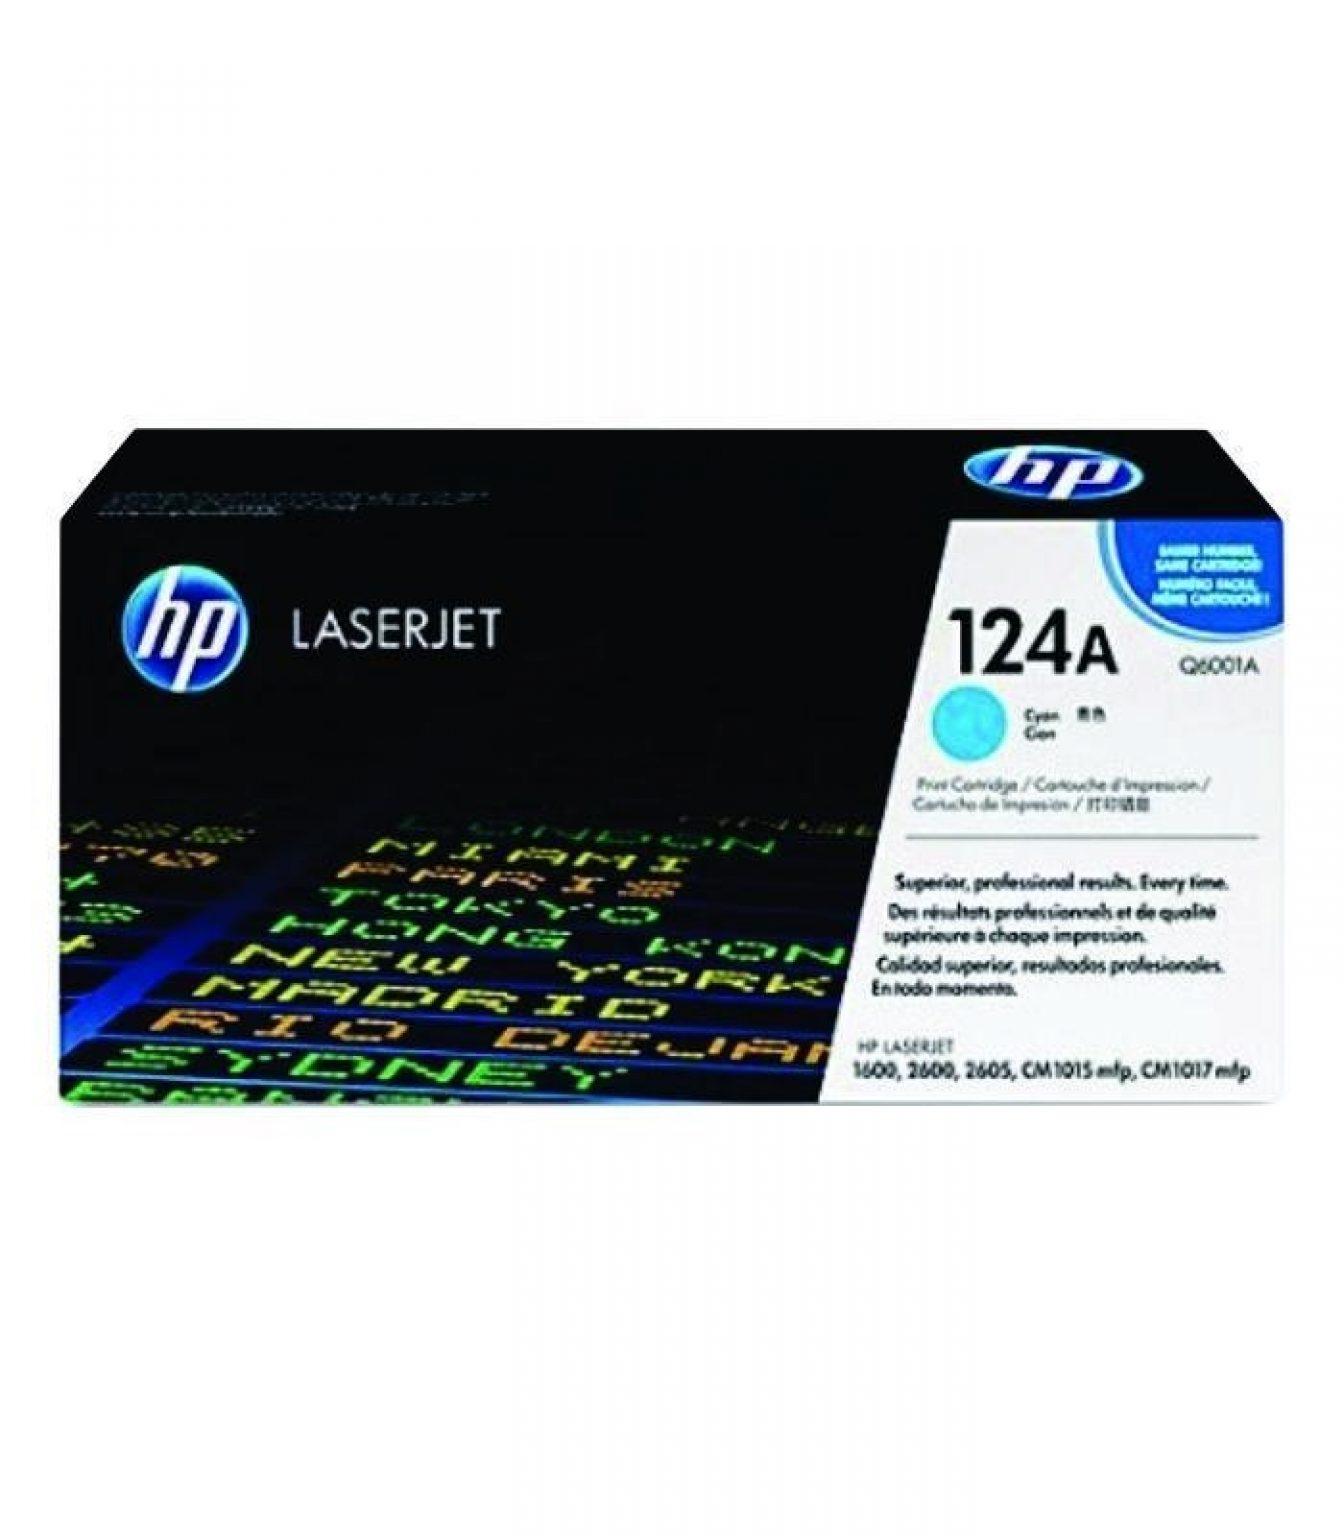 HP - LaserJet 2600/2605/1600 Cyan Cartridge [Q6001A]